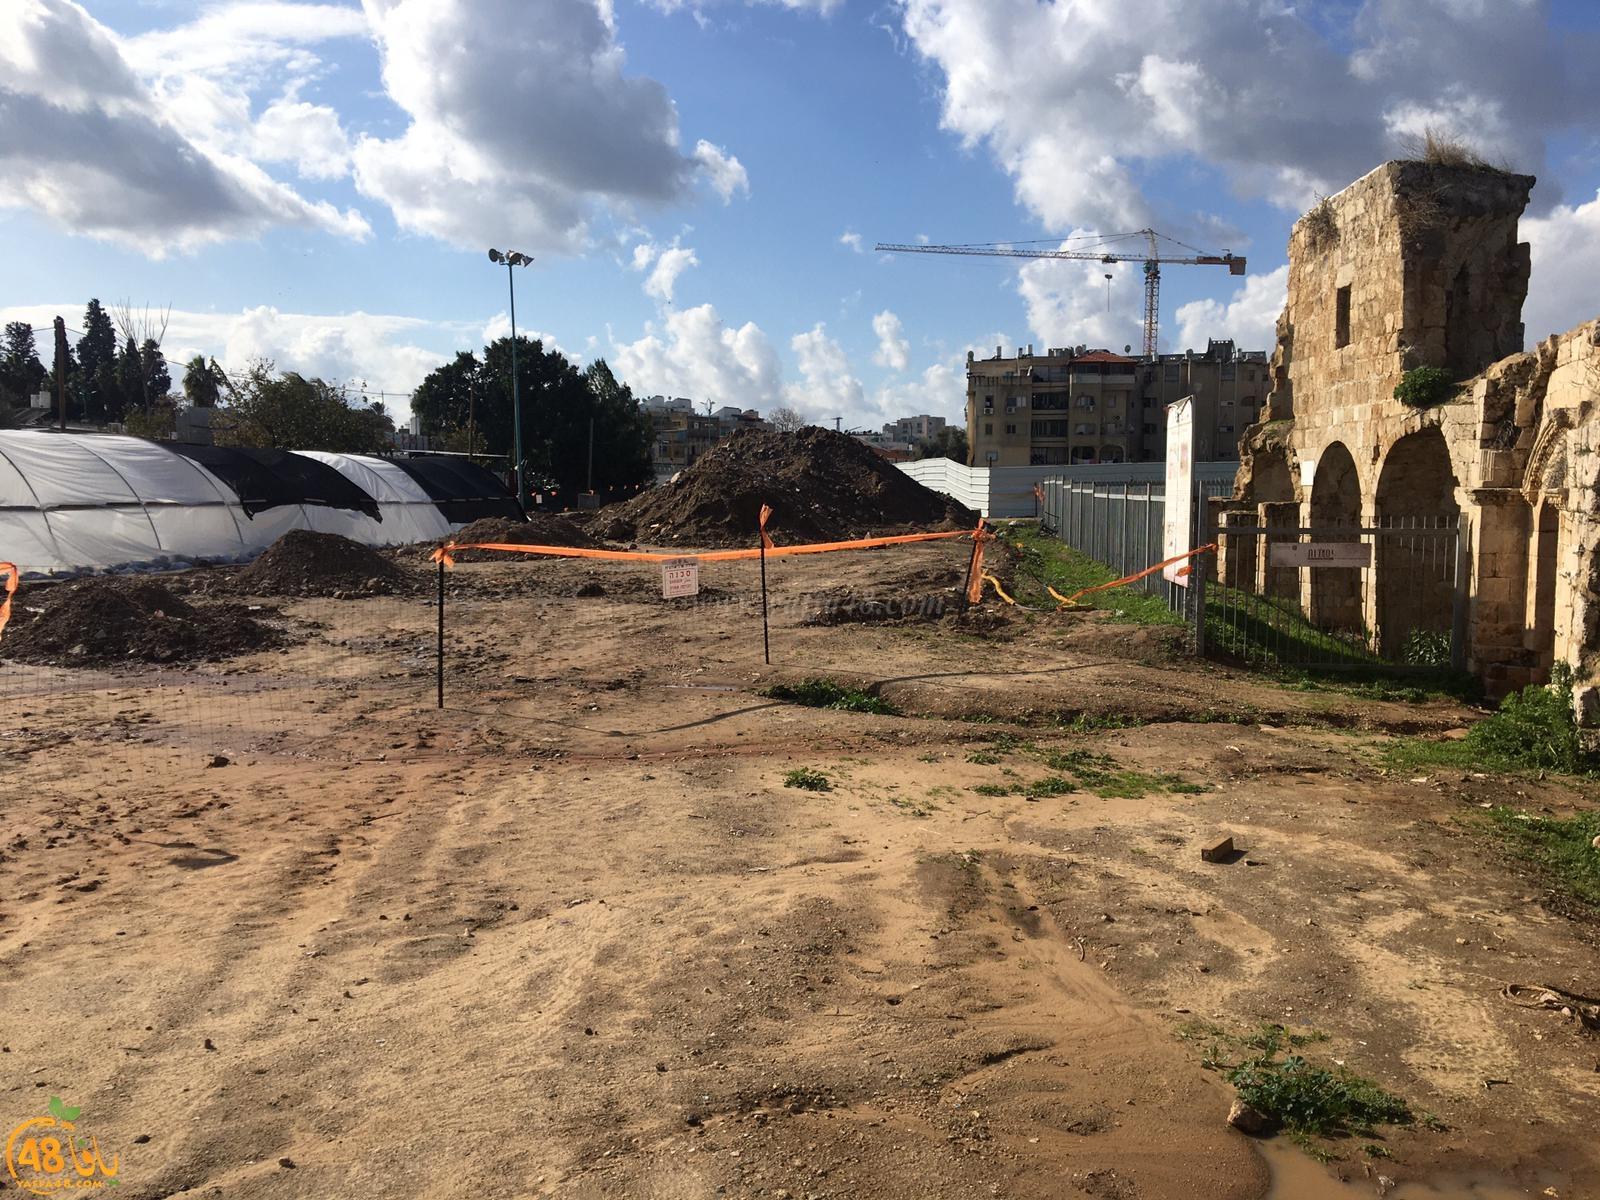 نشطاء من اللد: نطالب البلدية بوقف الحفريات في منطقة خان الحلو الأثرية